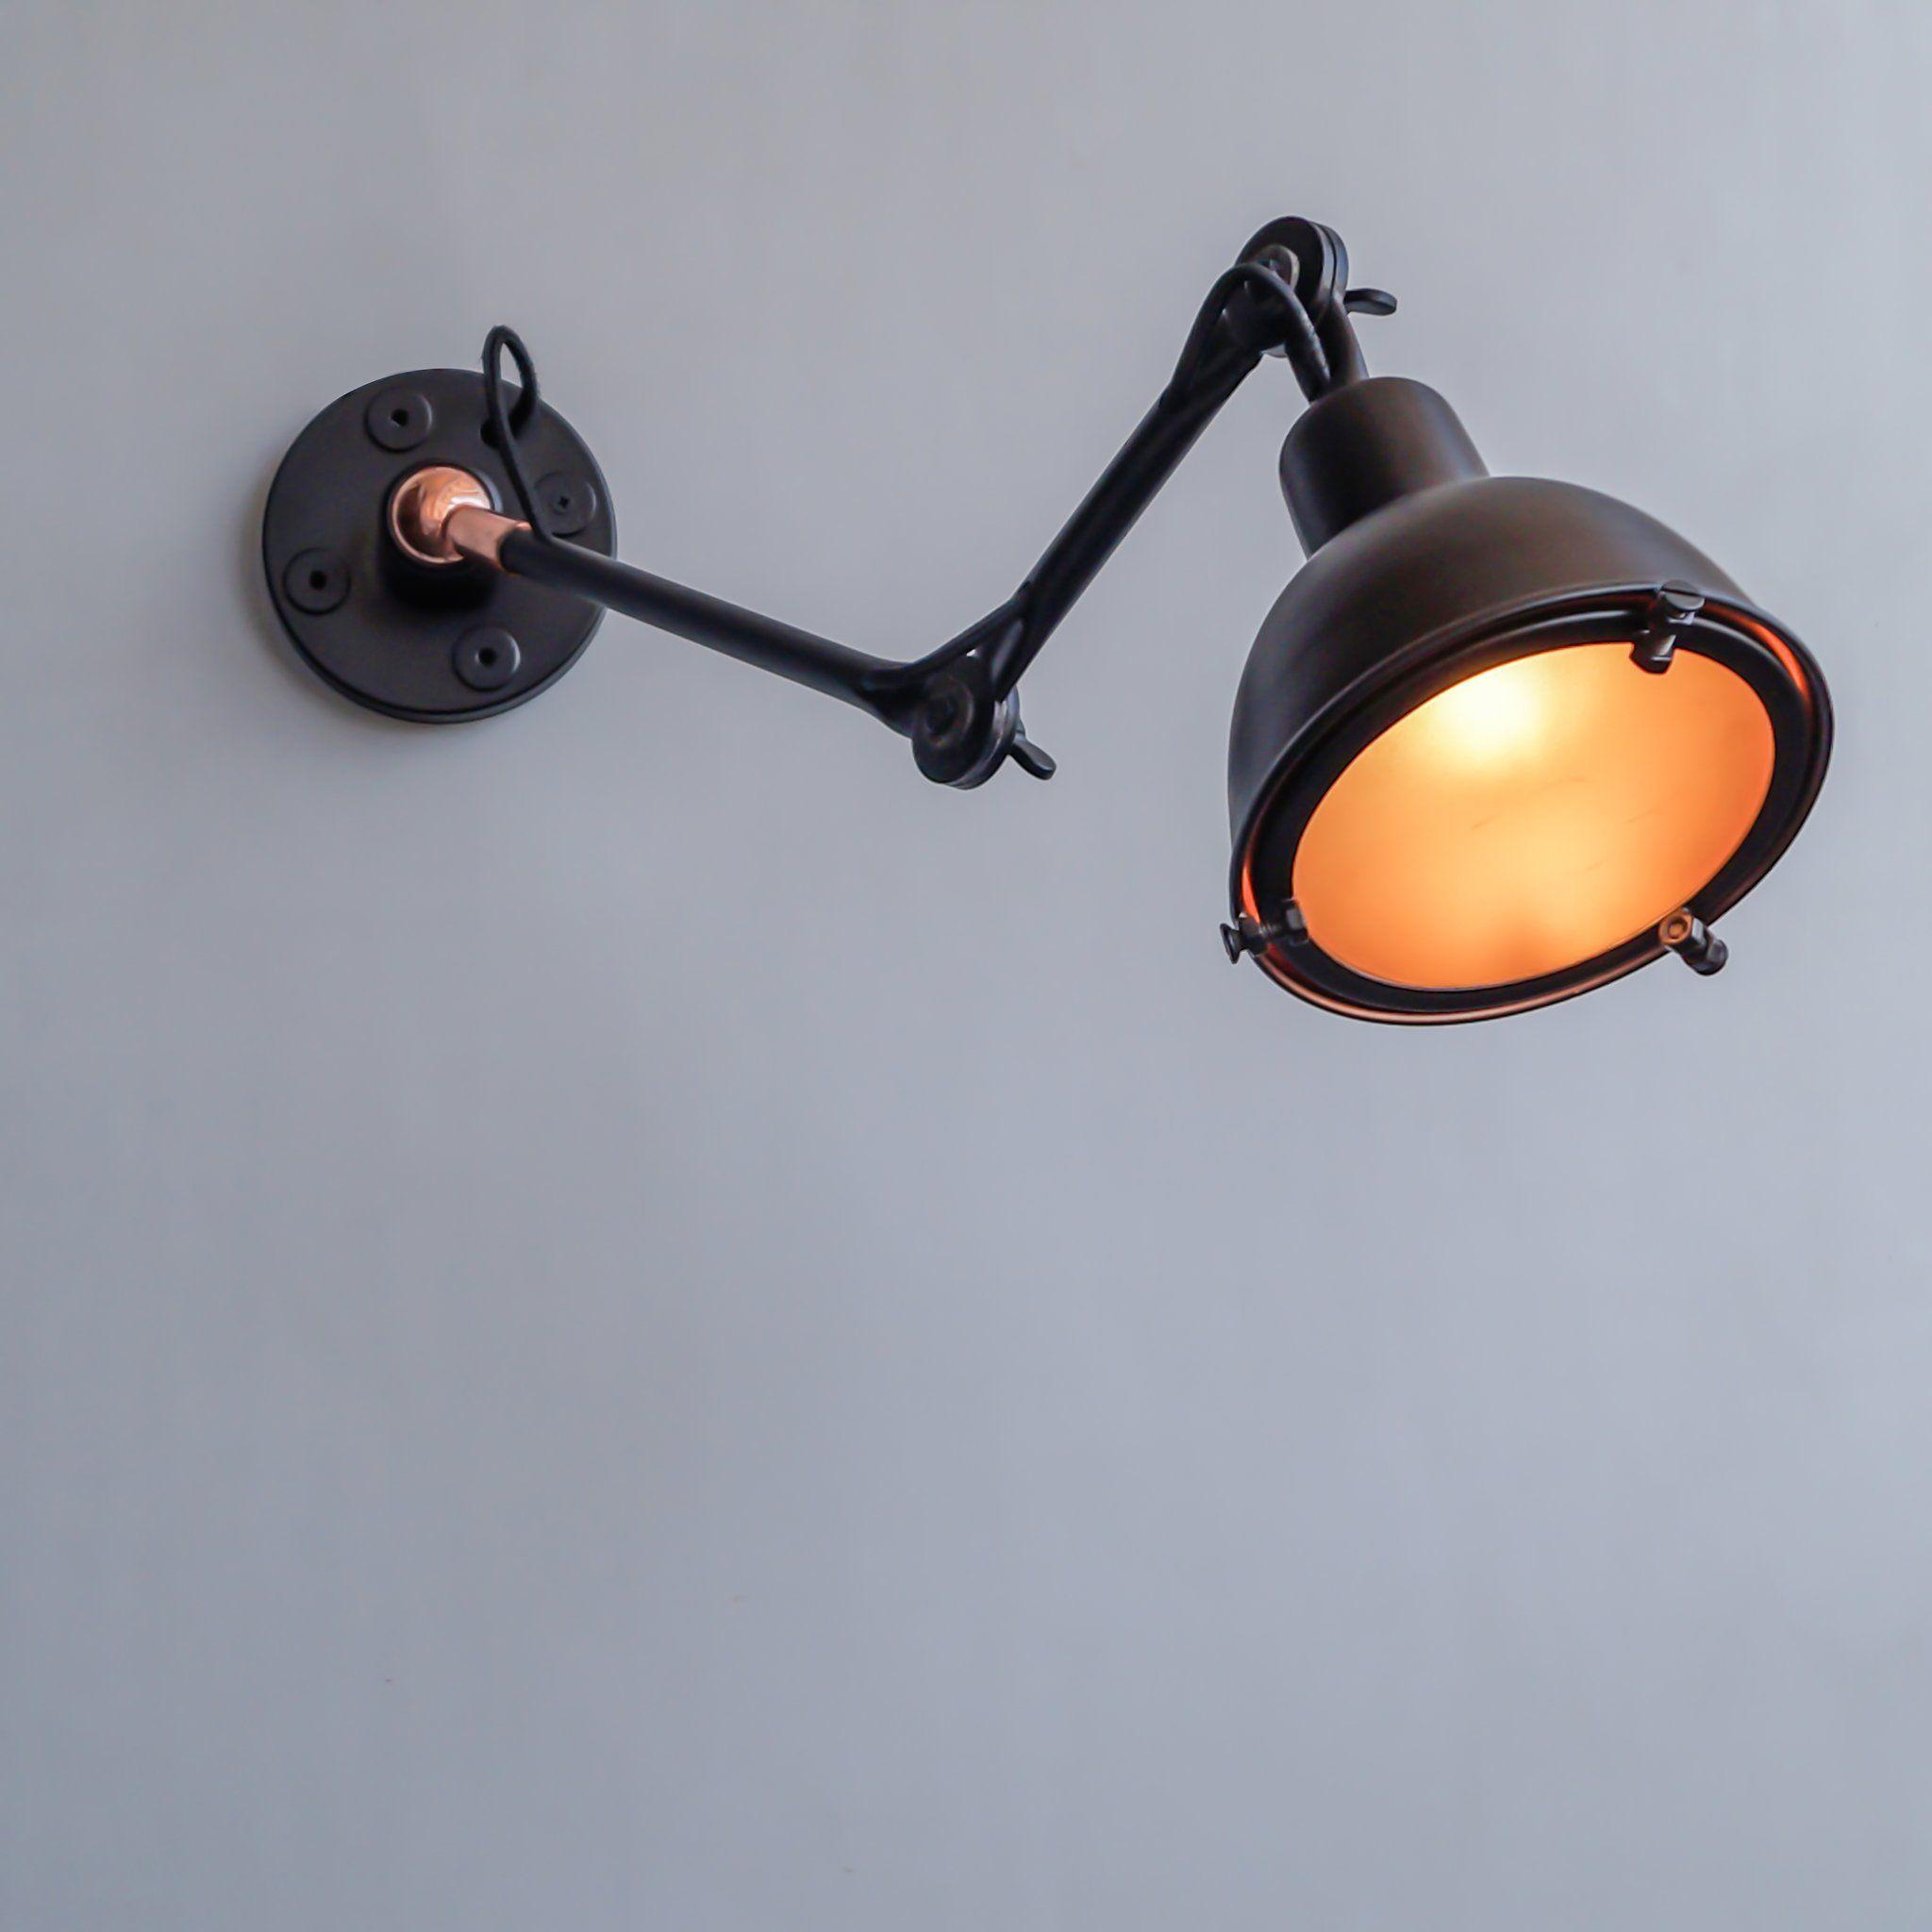 bedroom wall lighting fixtures. Wall Lamps| Lights| Decorative Lights | Fancy Bedroom Lighting Fixtures